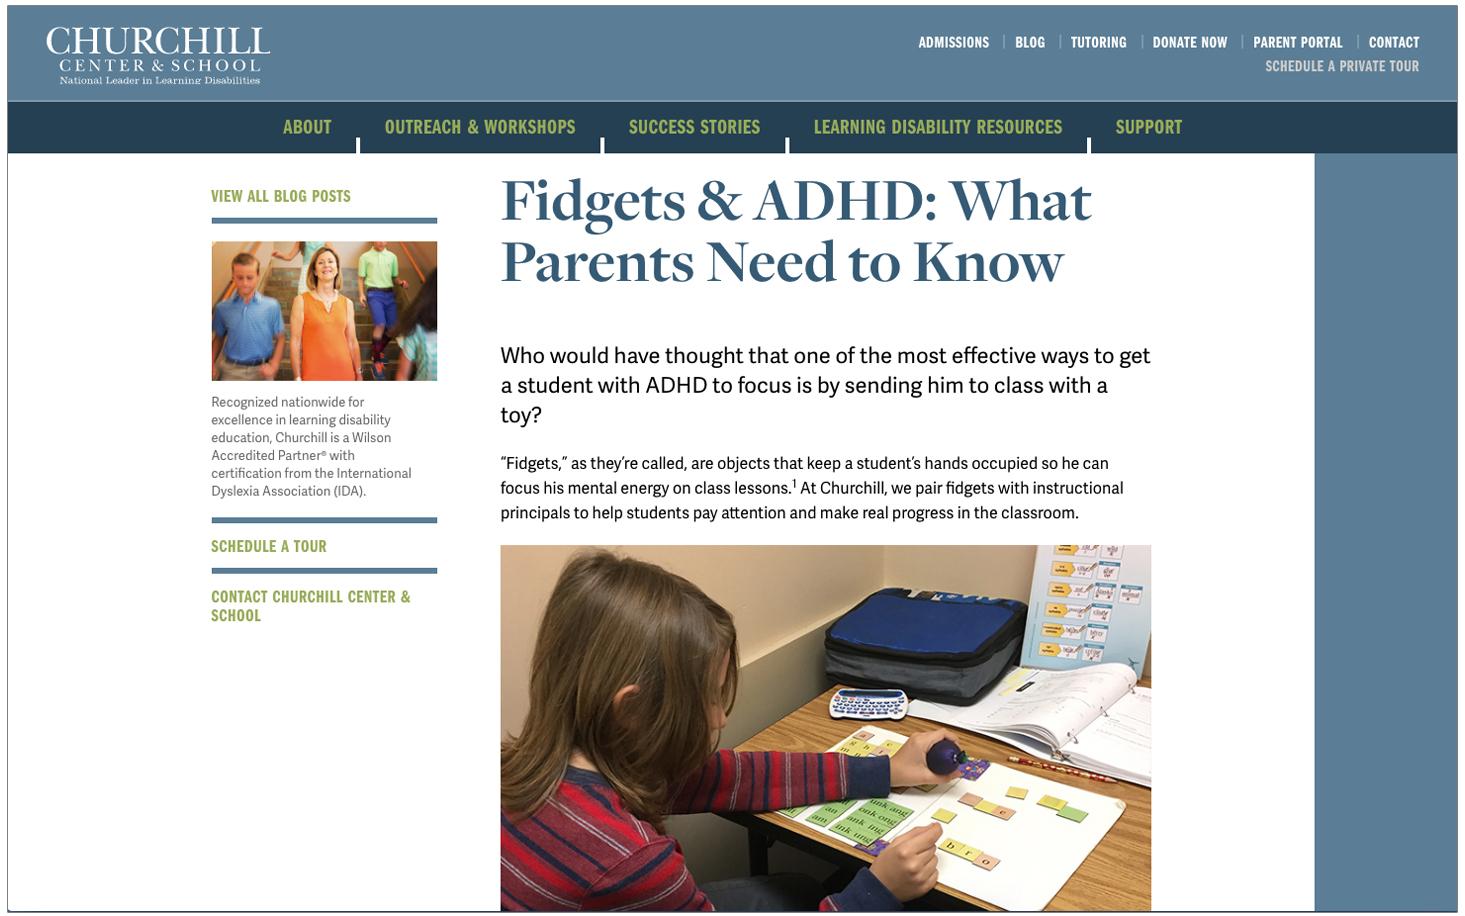 Churchill Blog Post: Fidgets & ADHD